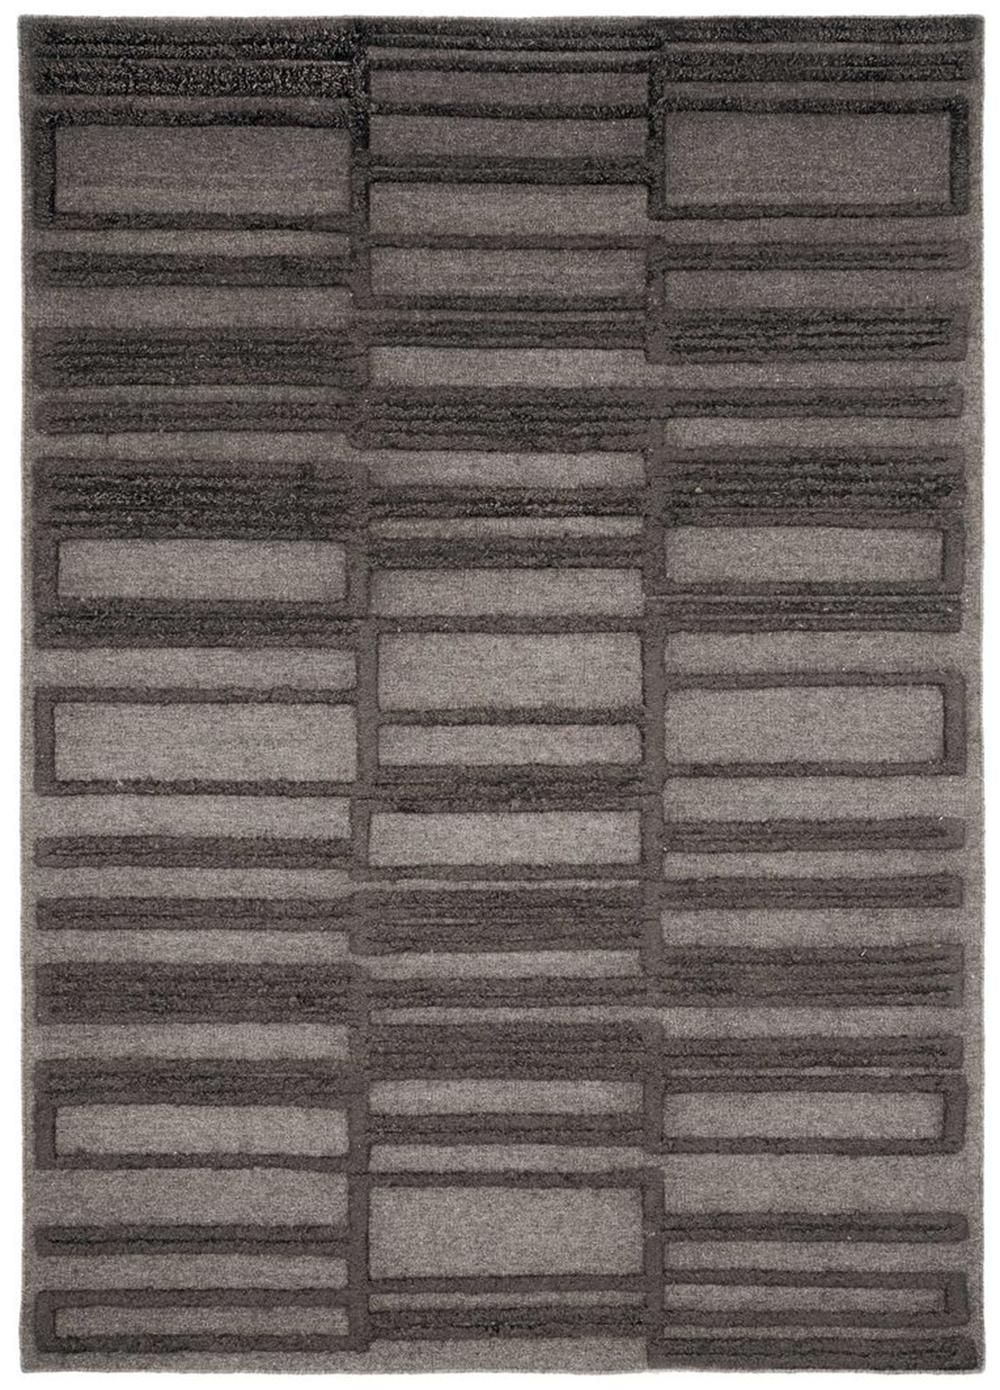 Bauhaus_WGB02/VB - Graybrown/Brown